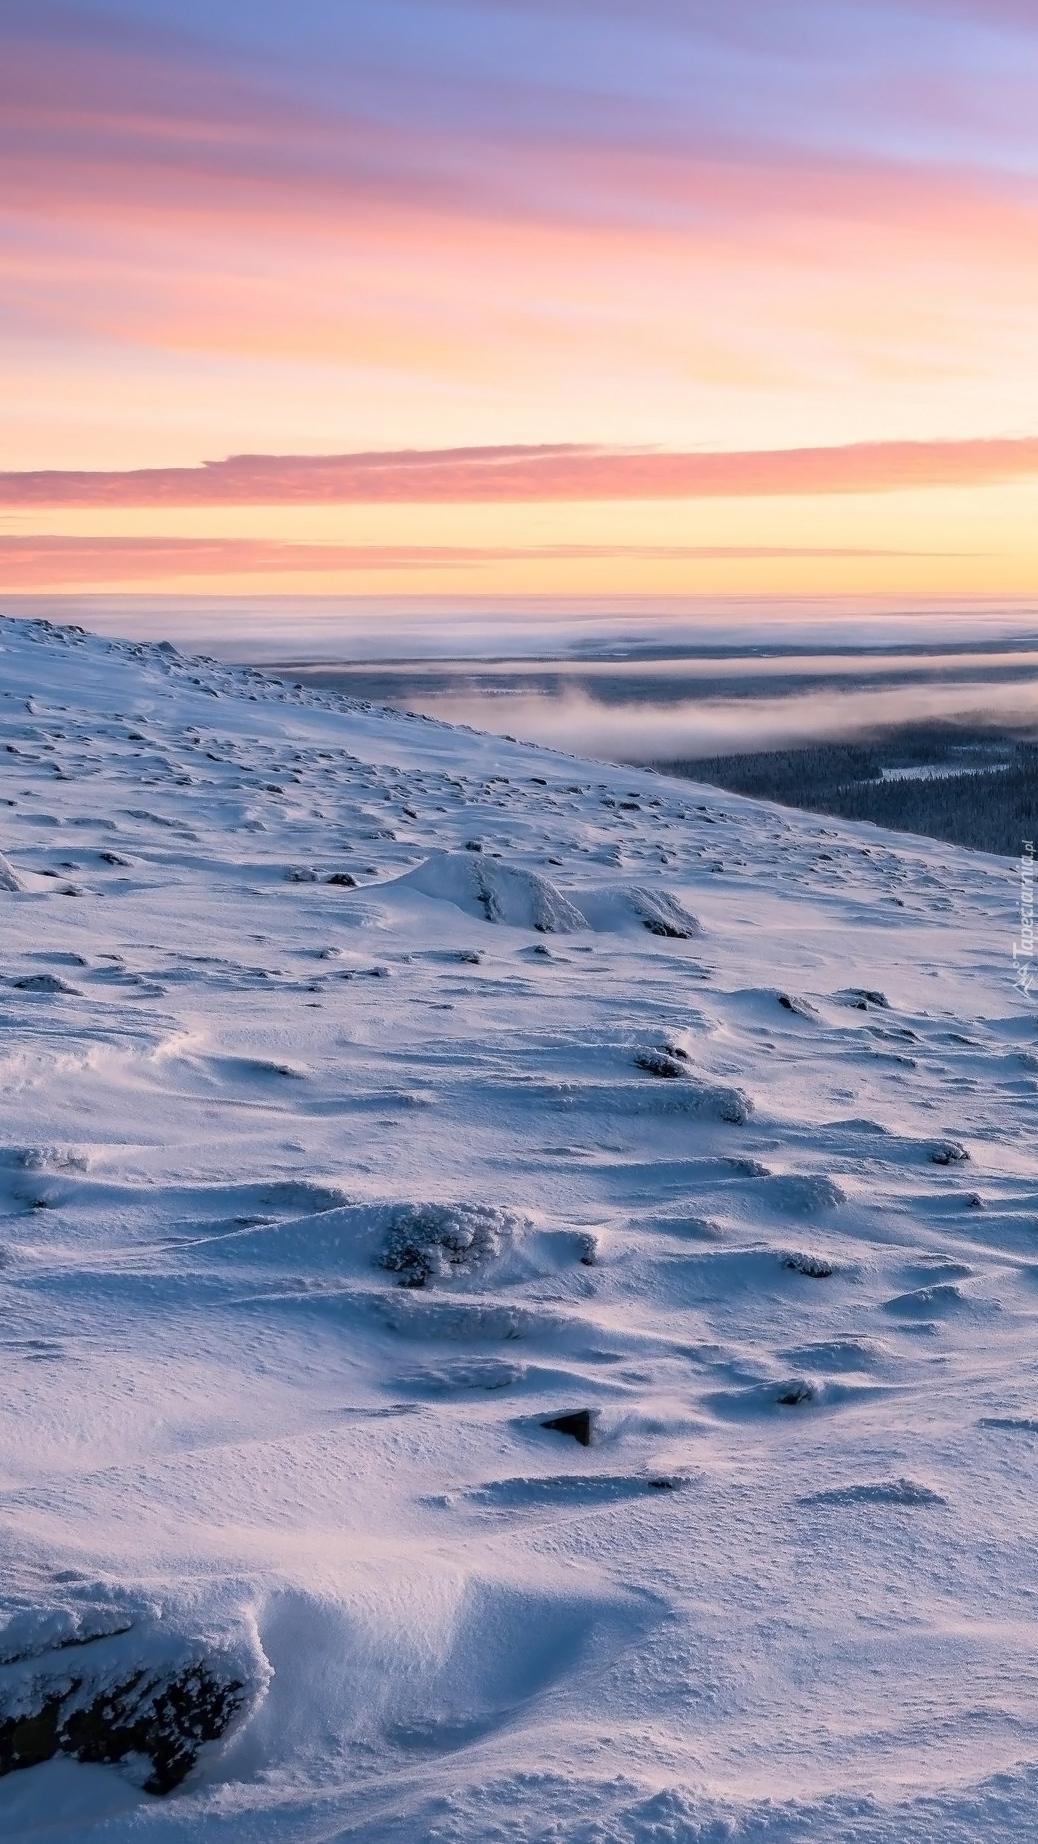 Wschód słońca nad zimowymi górami